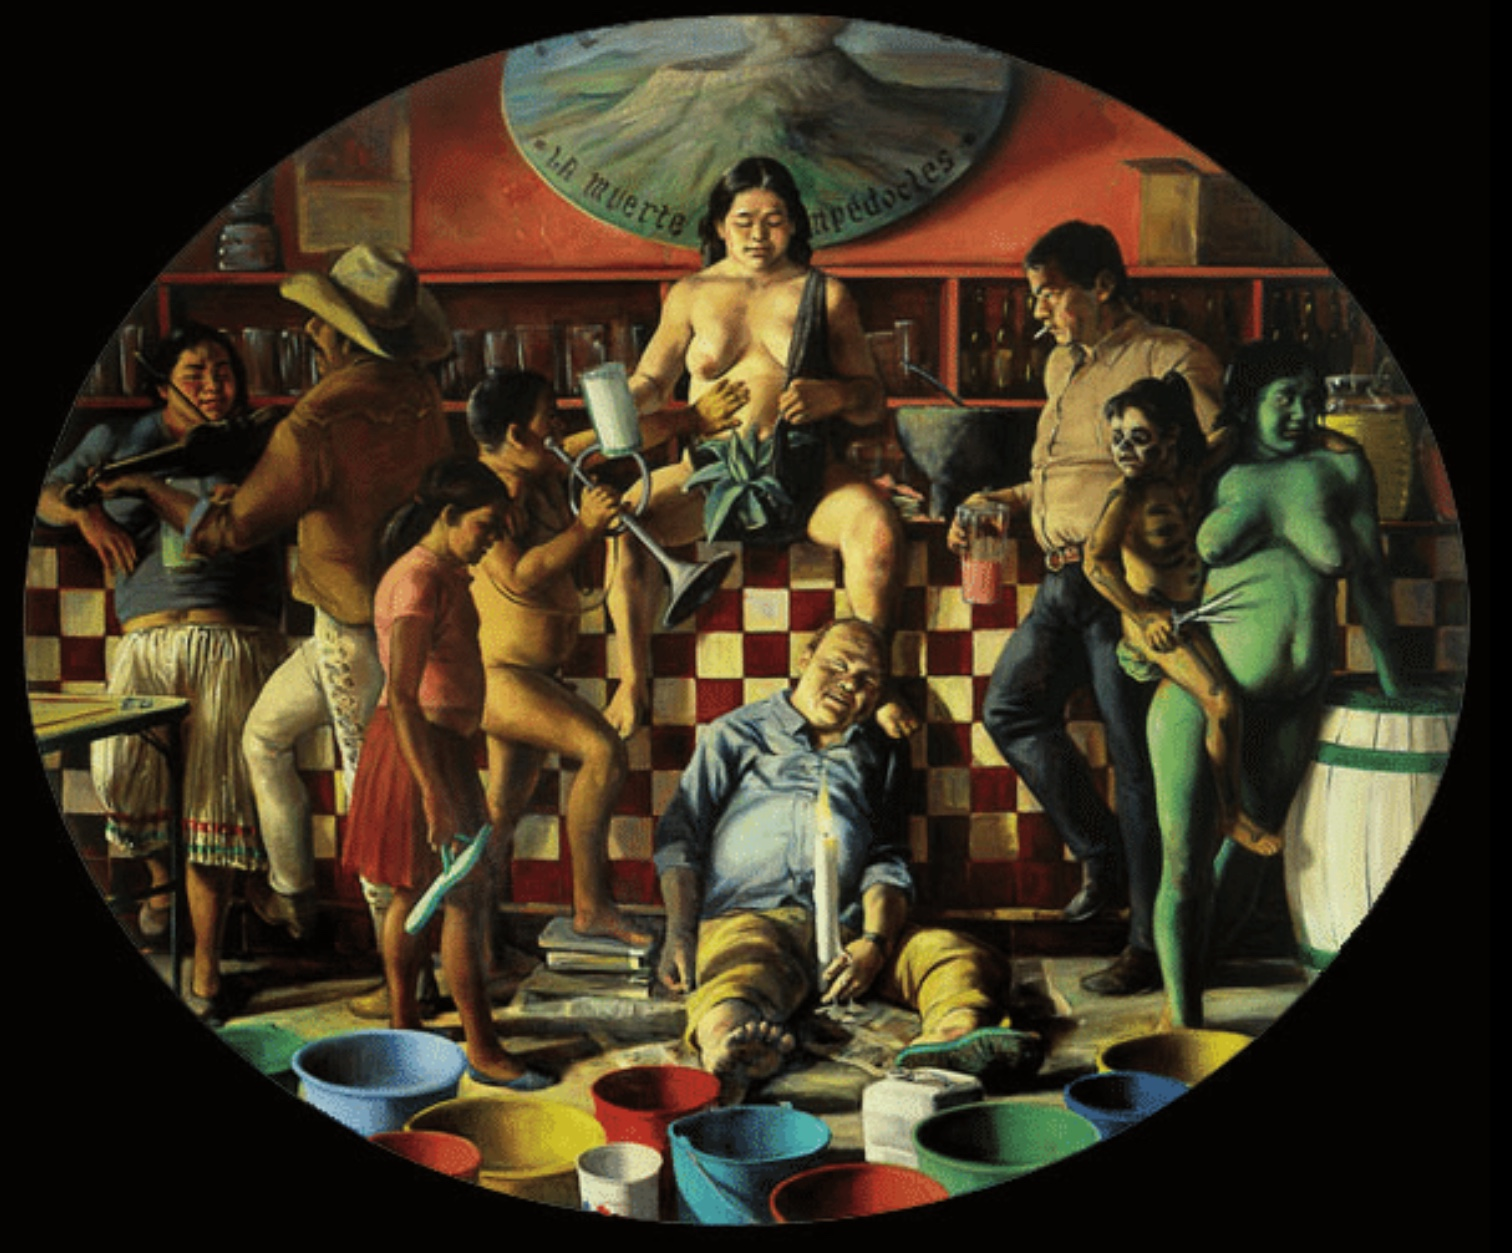 """""""La muerte de Empédocles"""", obra del pintor surrealista mexicà Daniel Lezama. Per a Lezama, la realitat i els fets denominats reals no es contraposen a la dimensió fantàstica, sinó que és l'individu qui ha de fer el salt de fe o de pensament, però passant de l'anecdòtic a la creació."""